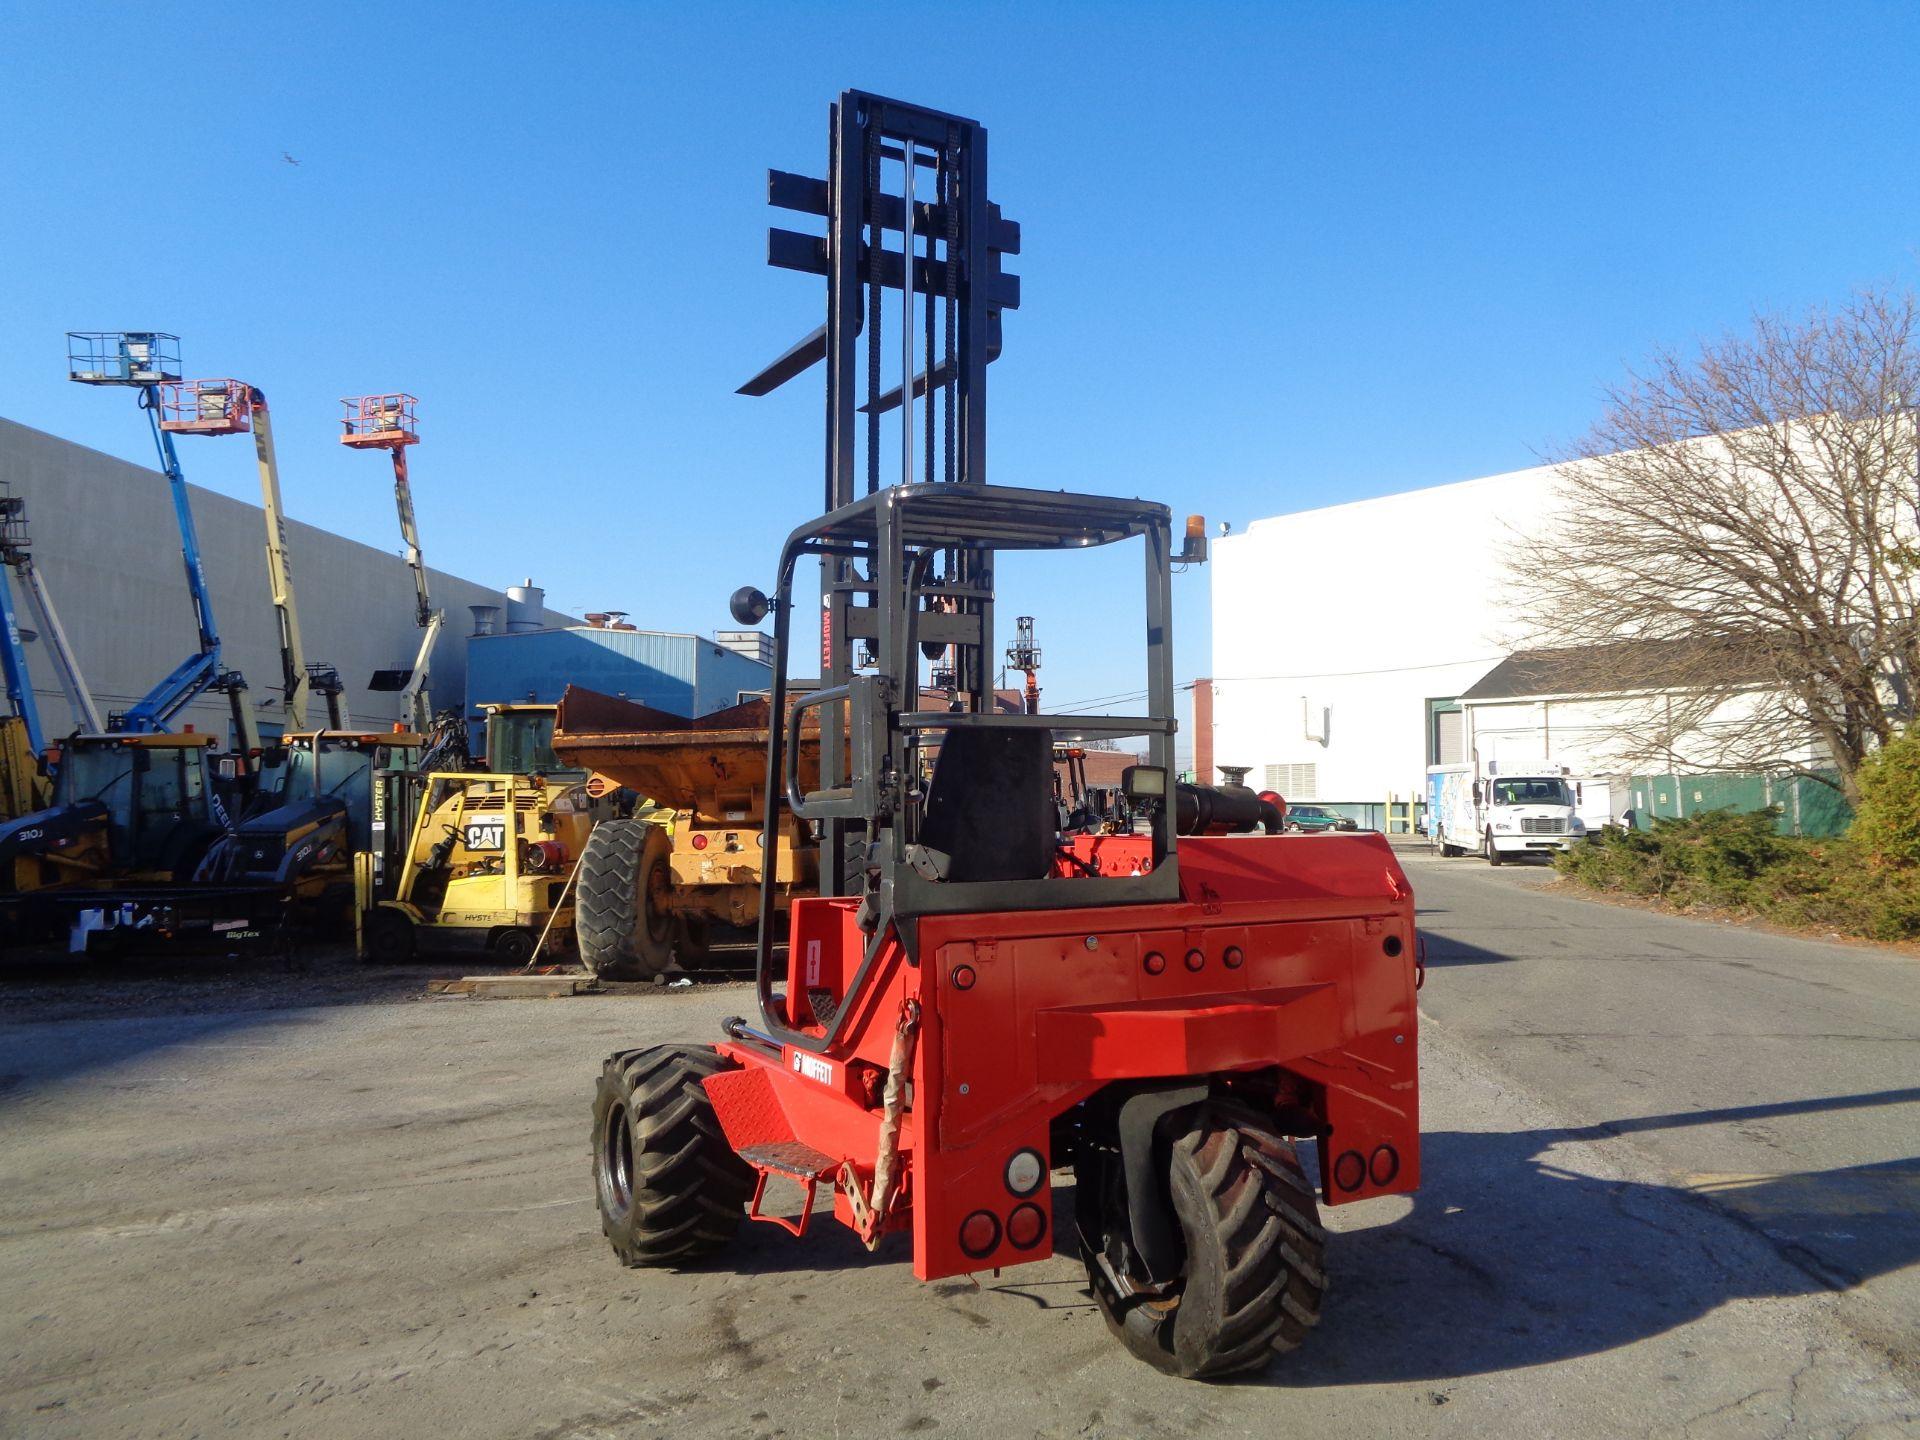 Lot 20 - Moffett M5000 5,000lb Forklift